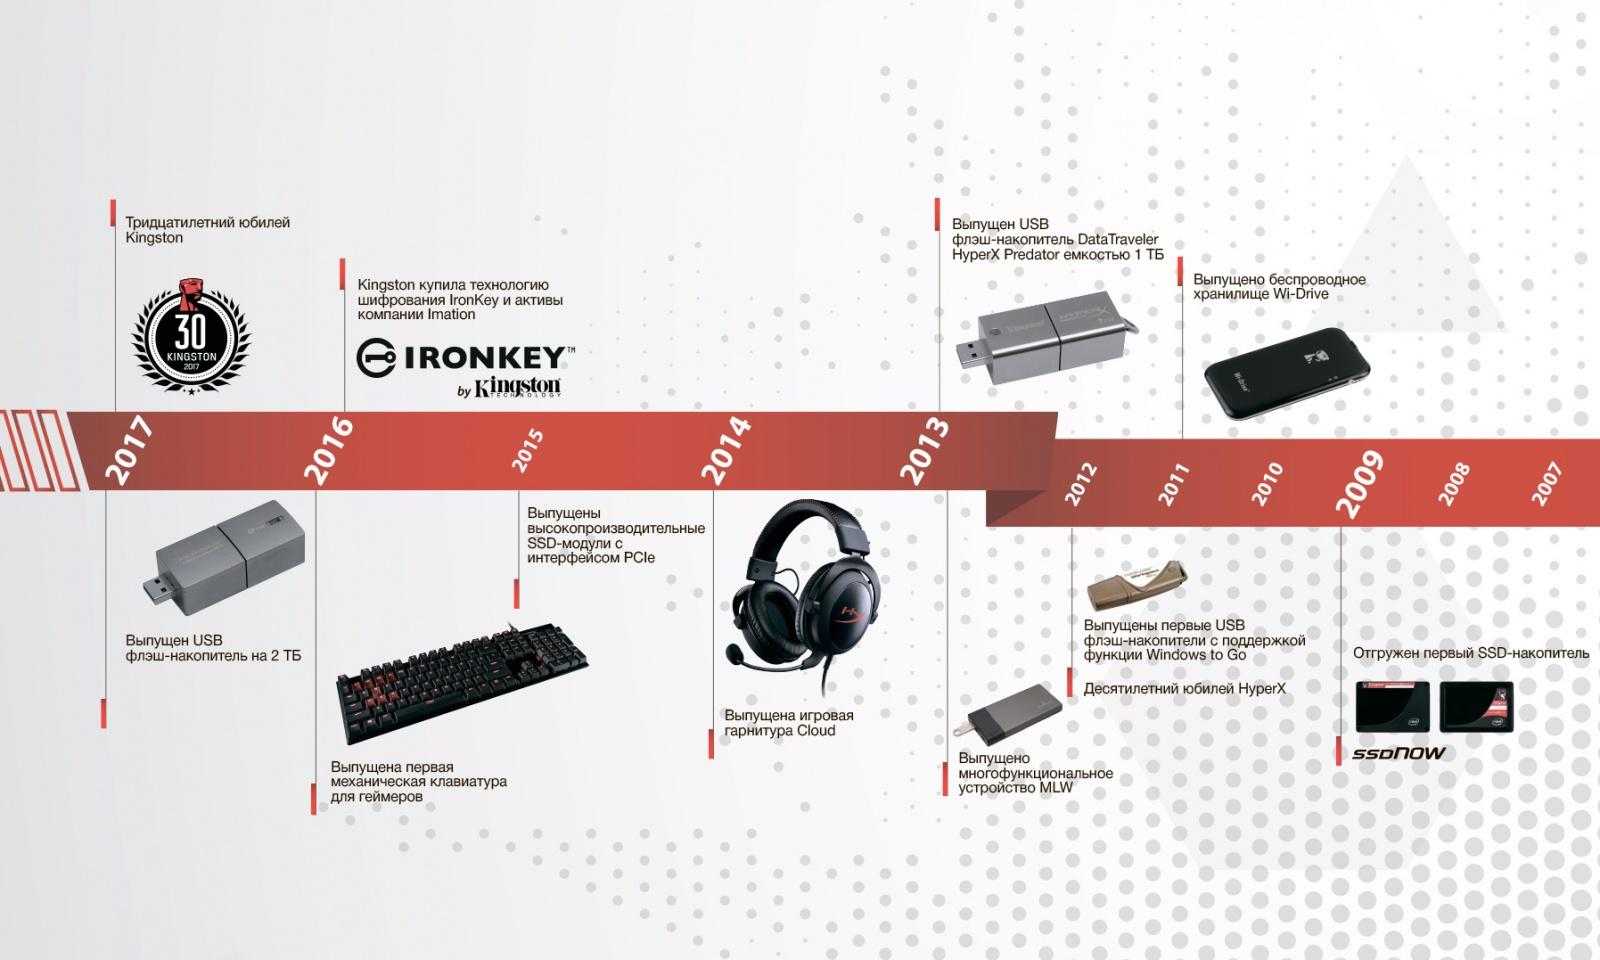 Kingston отмечает 30-летие. И представляет несколько новинок на выставке Computex 2017 - 6